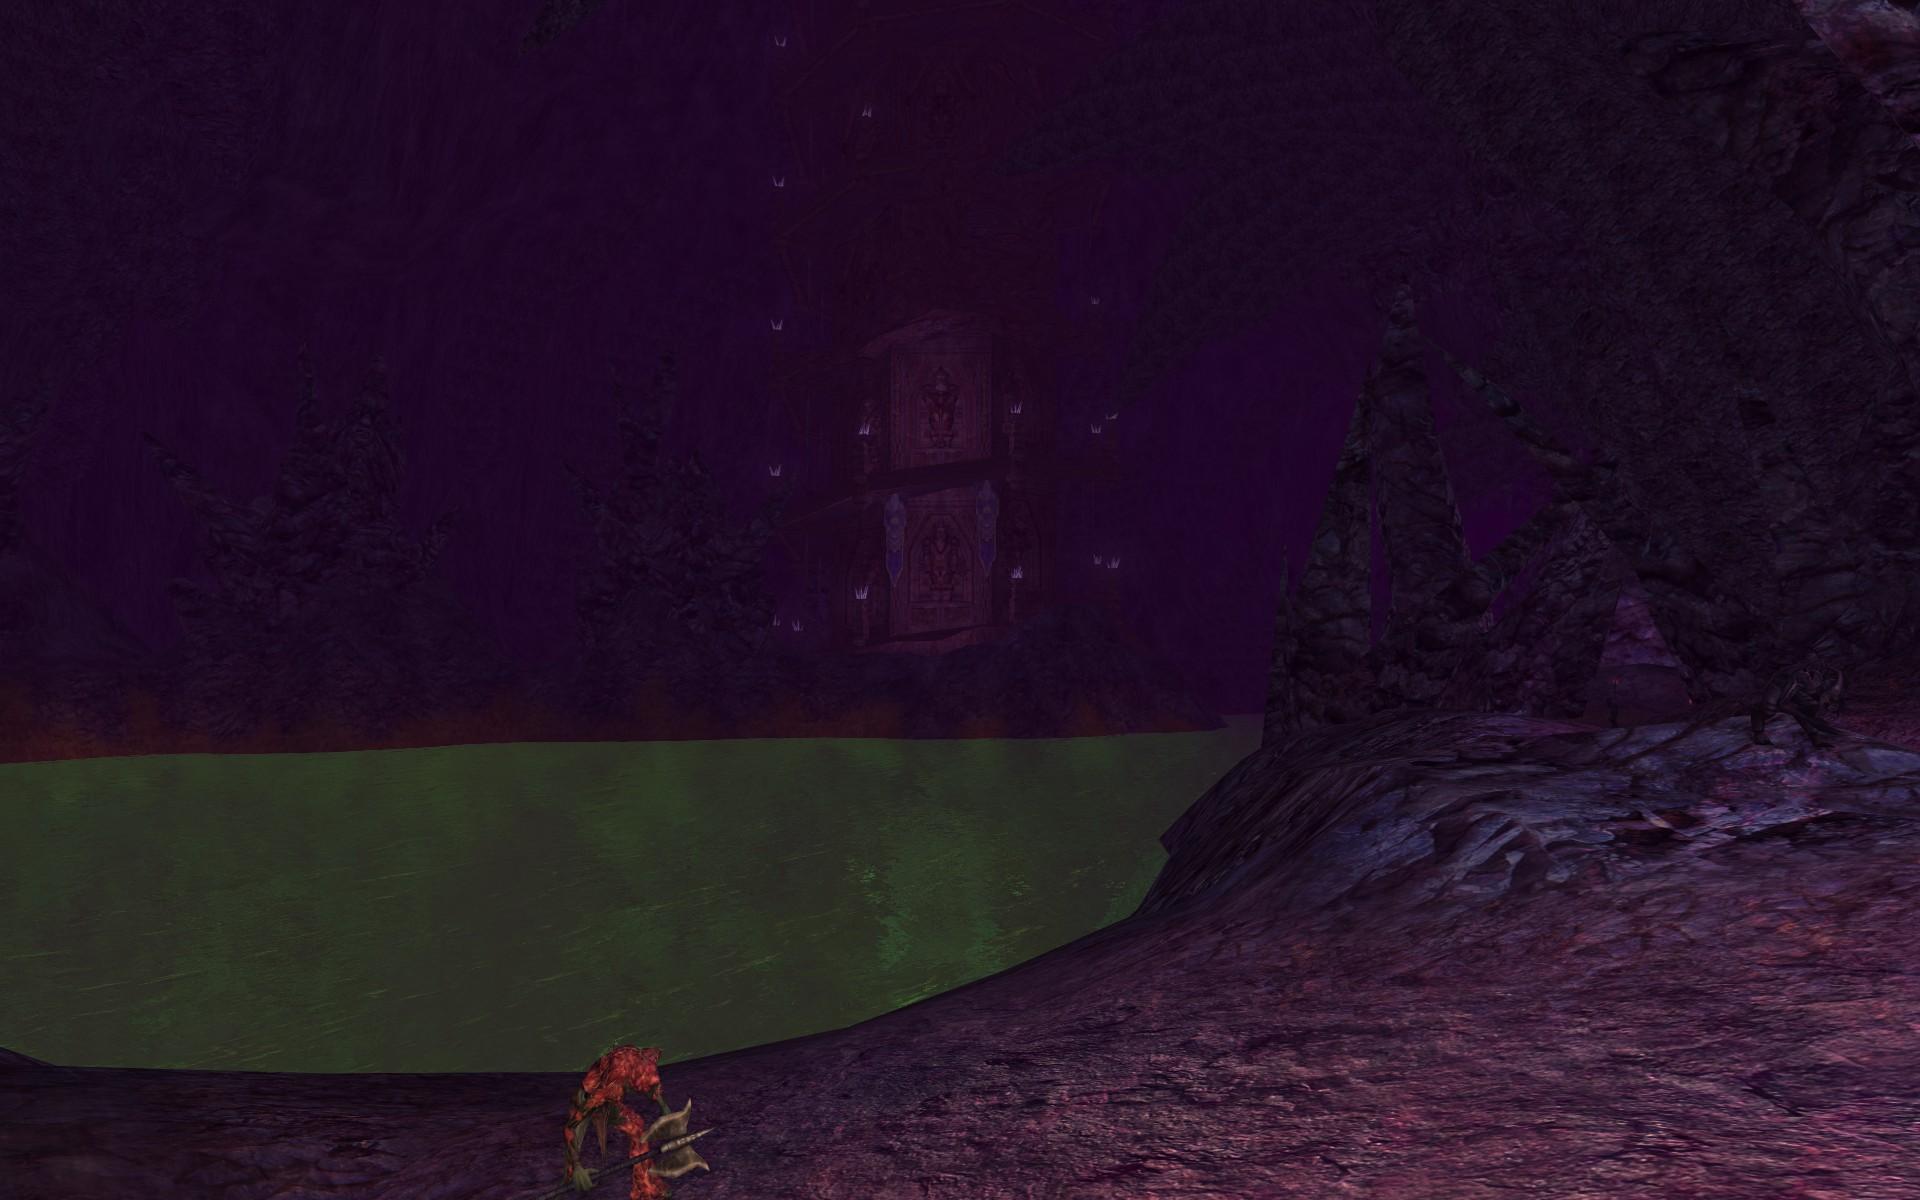 『ロード・オブ・ザ・リングス オンライン』におけるいやはての土の土台(奥に無限階段が見える)